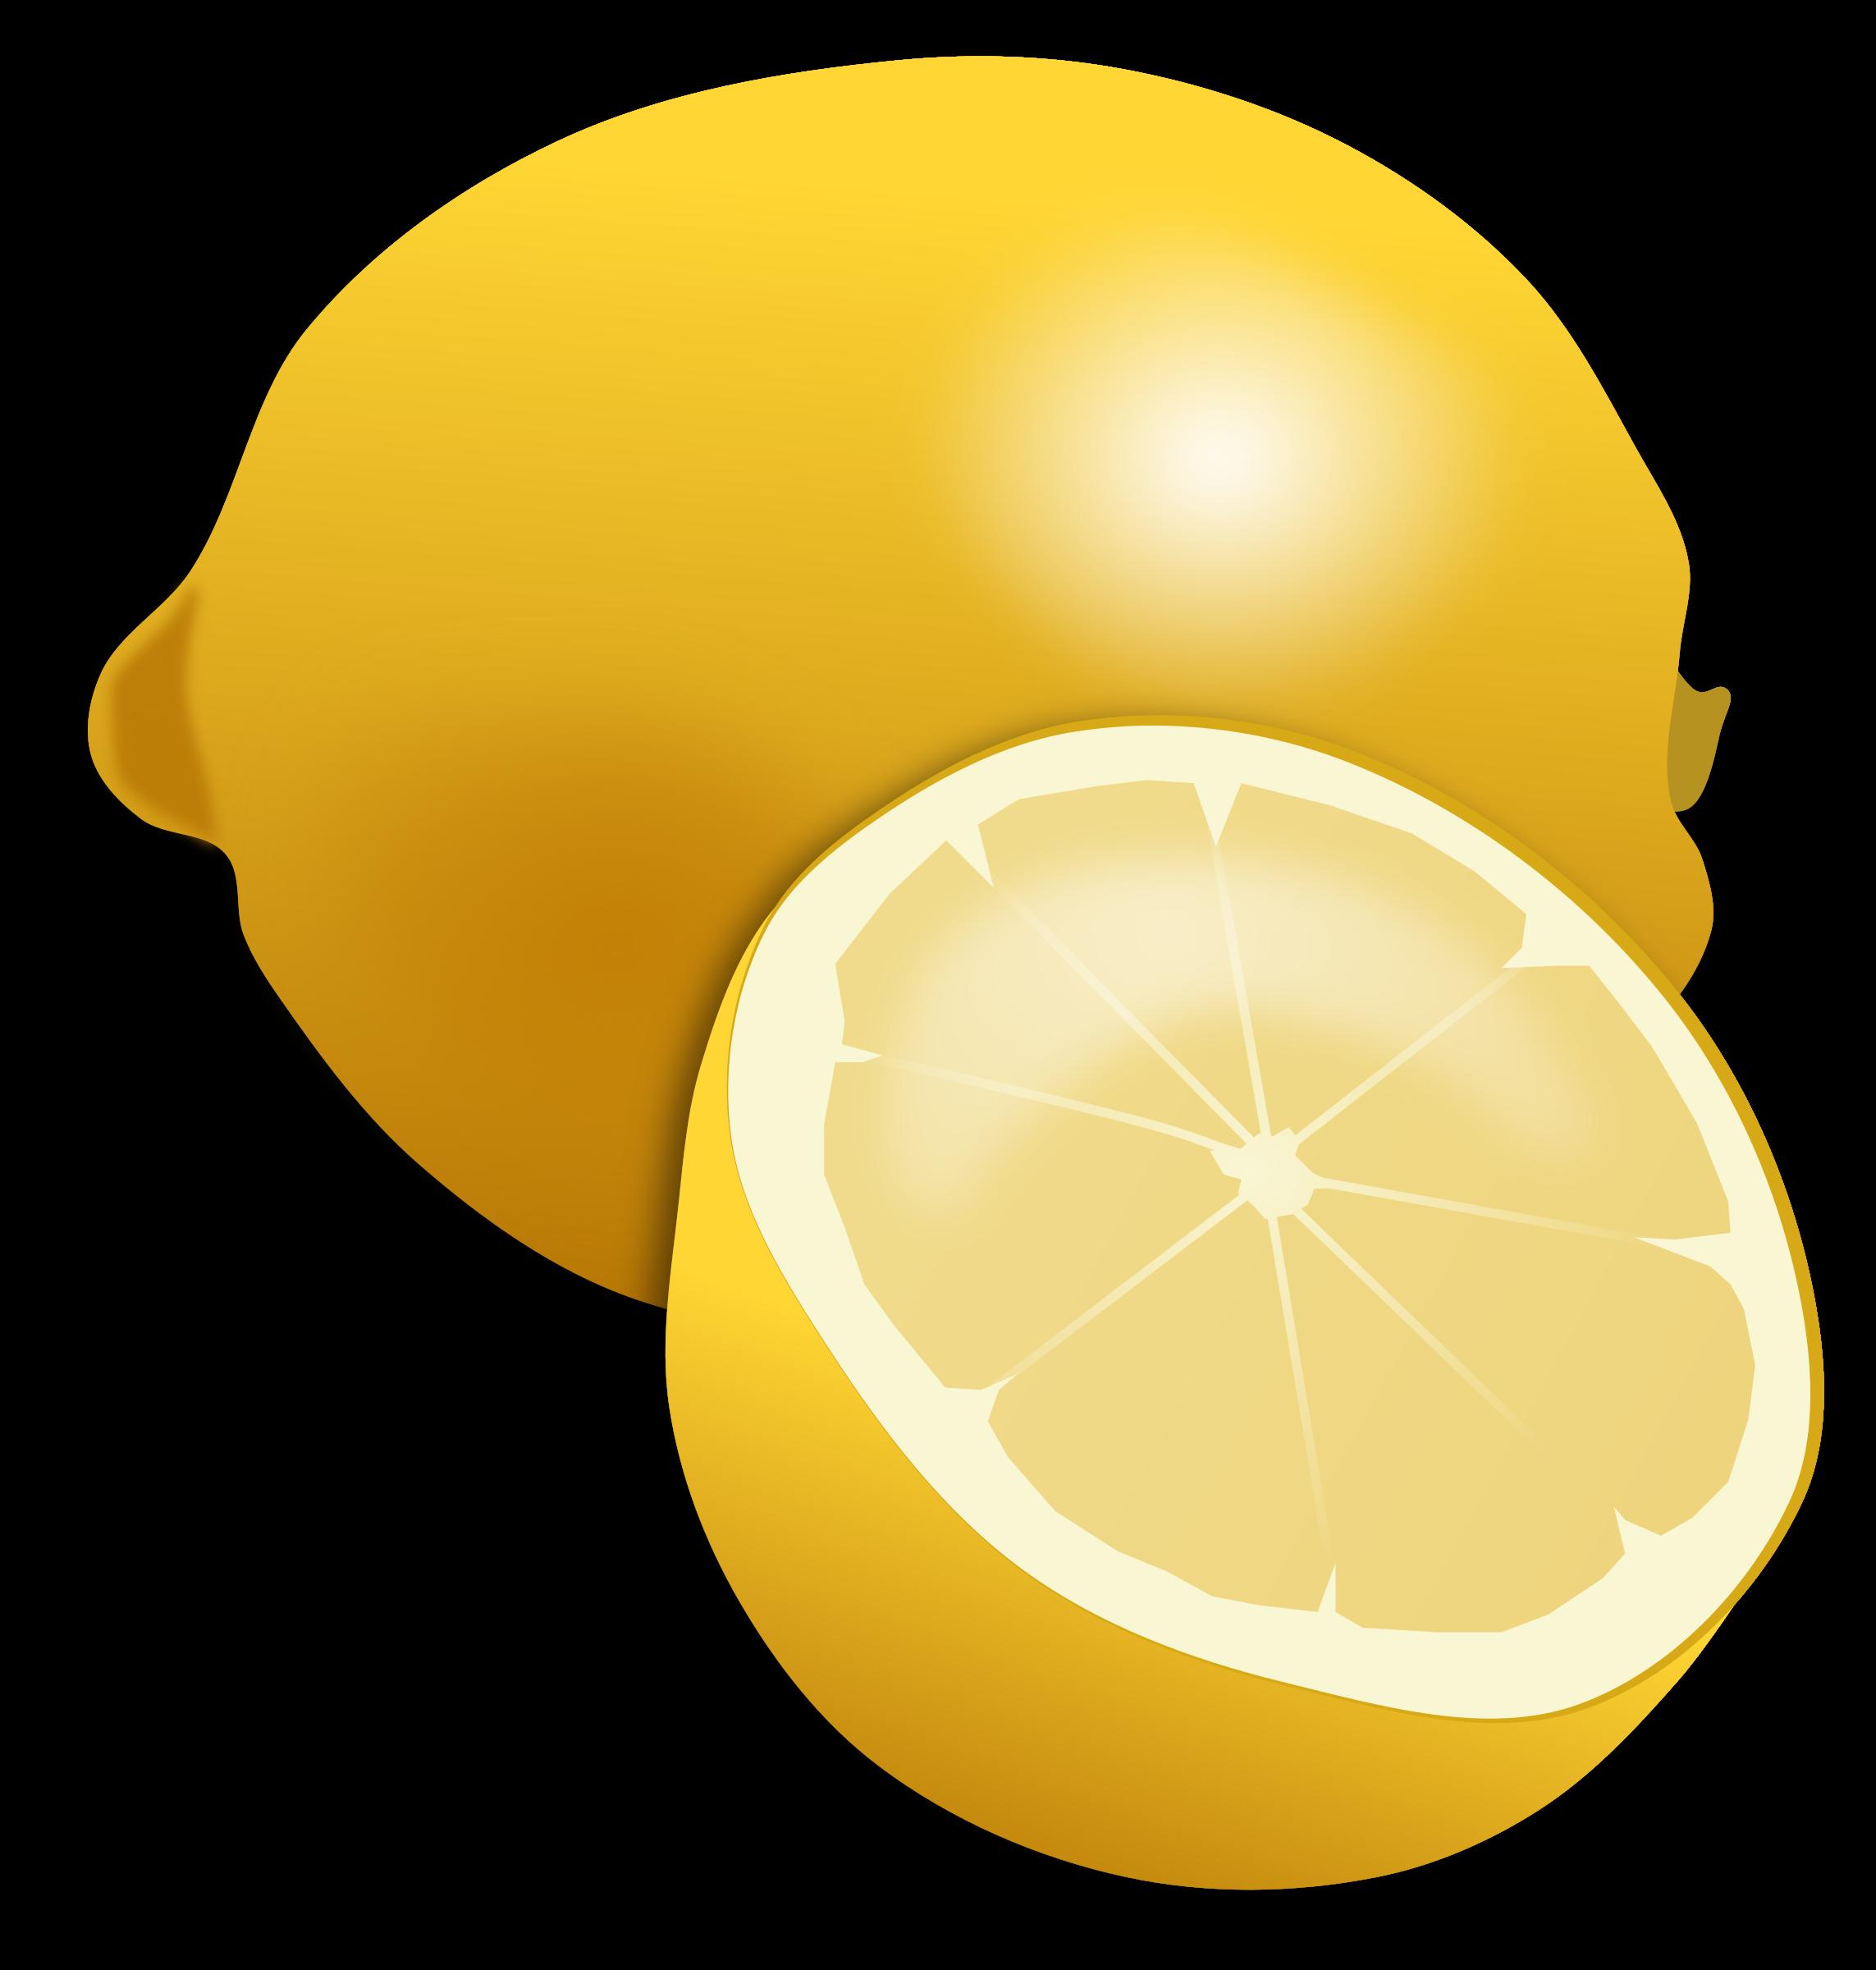 Lemon - Lemon Clipart